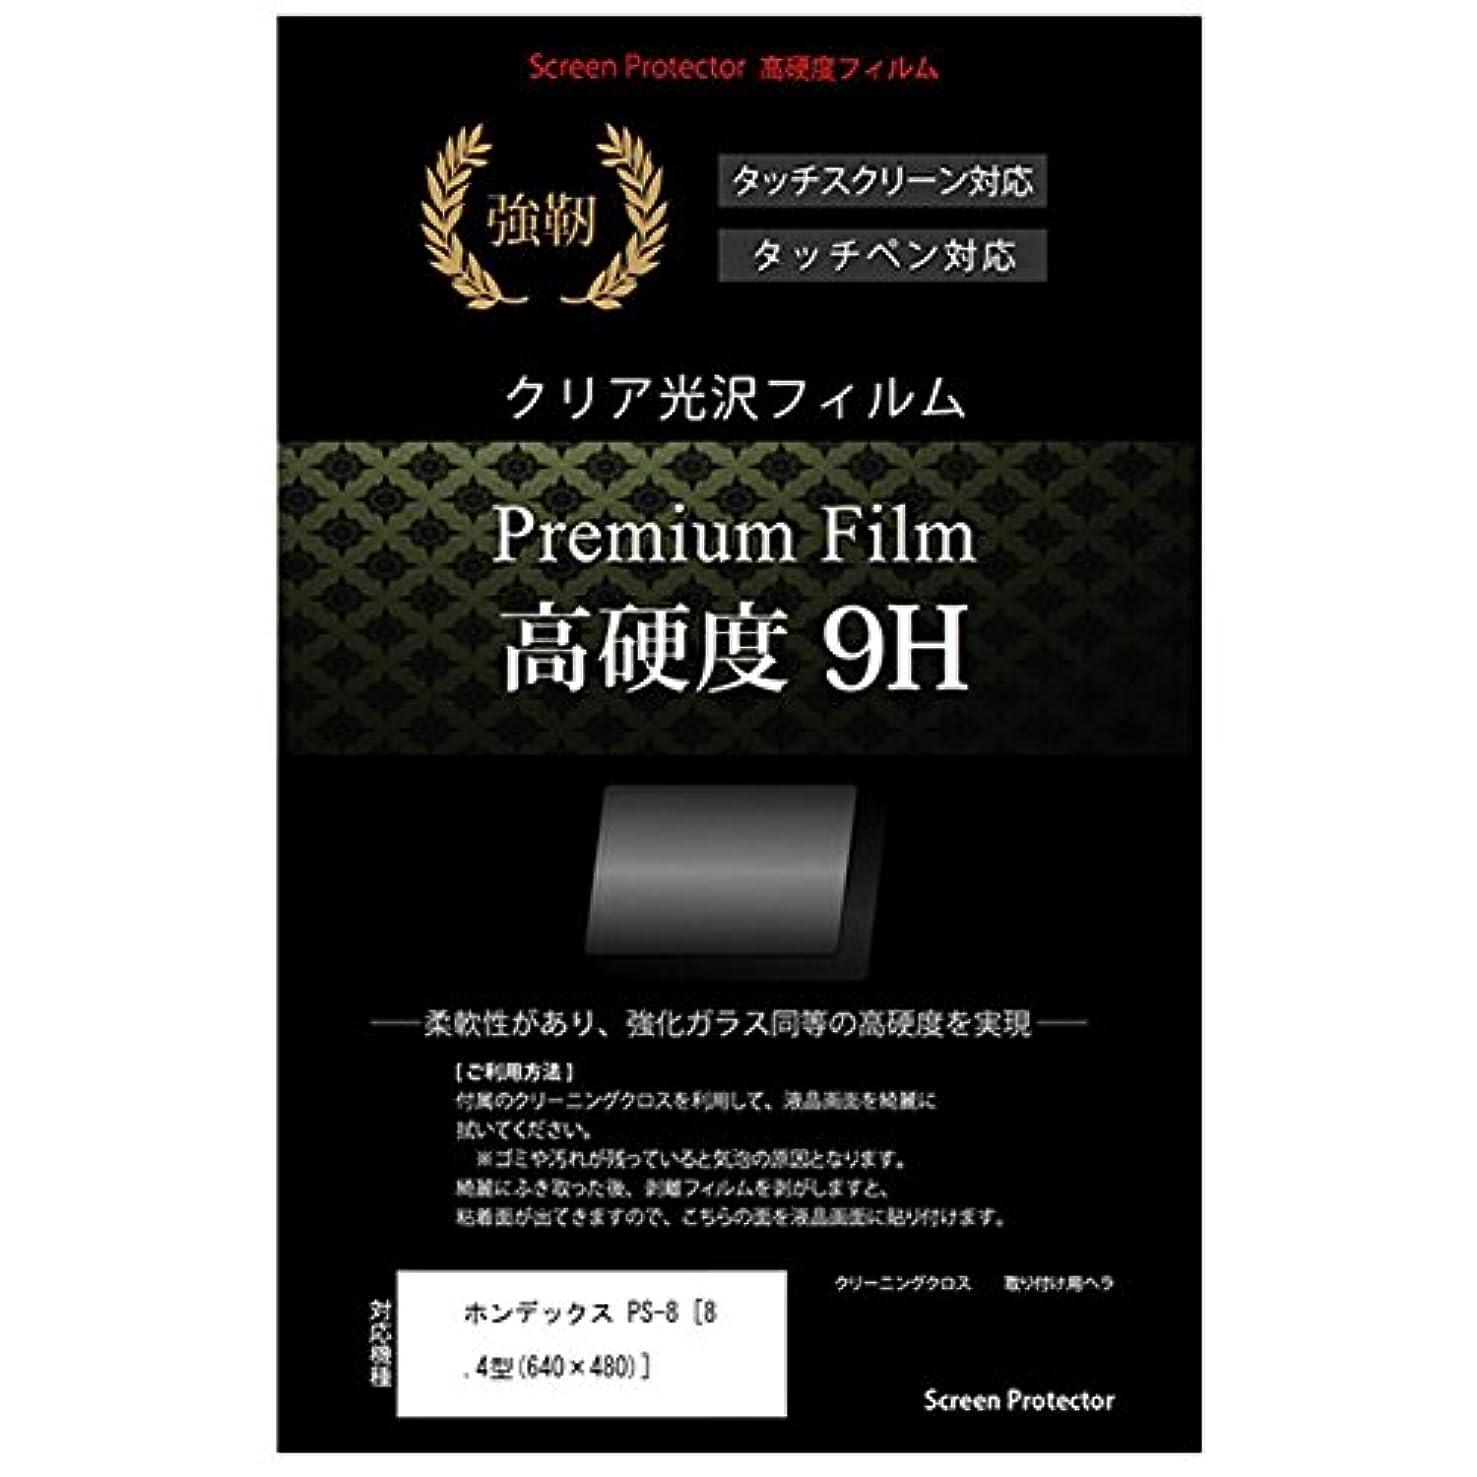 ハロウィンホスト着実にメディアカバーマーケット ホンデックス PS-8 [8.4型 (640×480)]機種で使える【強化ガラスと同等の高硬度 9Hフィルム】 傷に強い 高透過率 クリア光沢